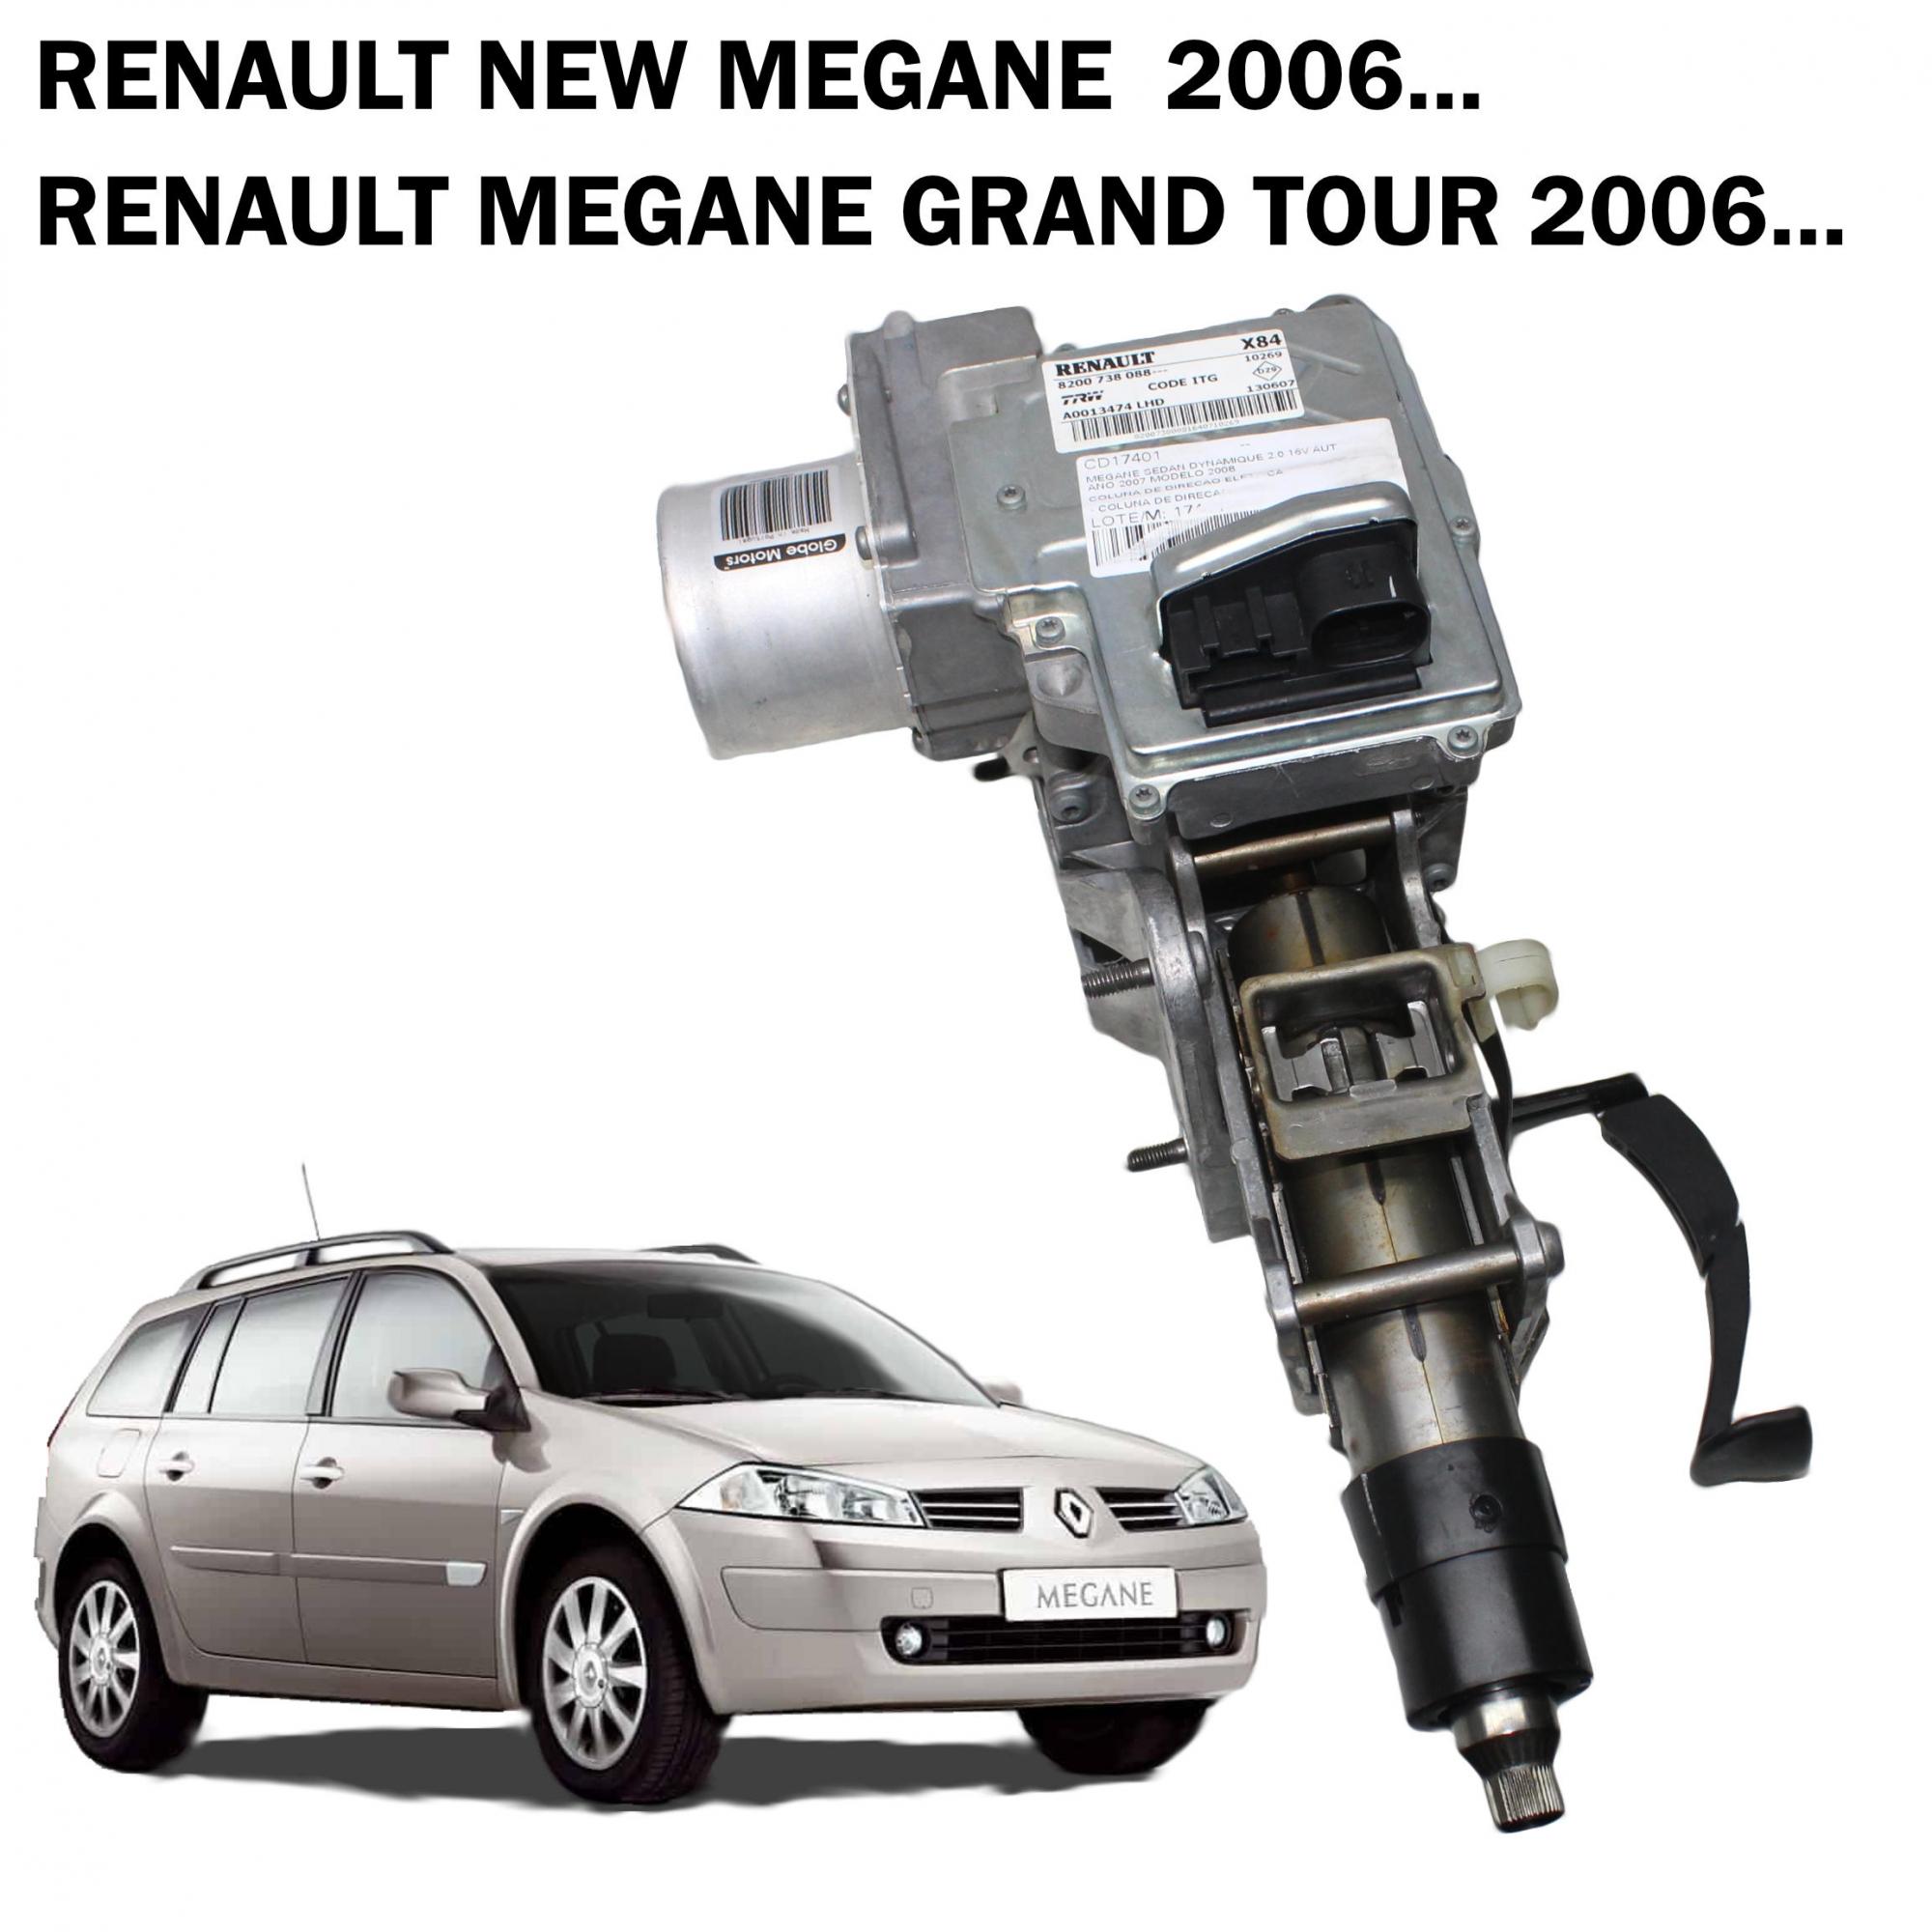 Motor Coluna Direção Elétrica TRW Renault Megane, Megane Grand Tour 06...